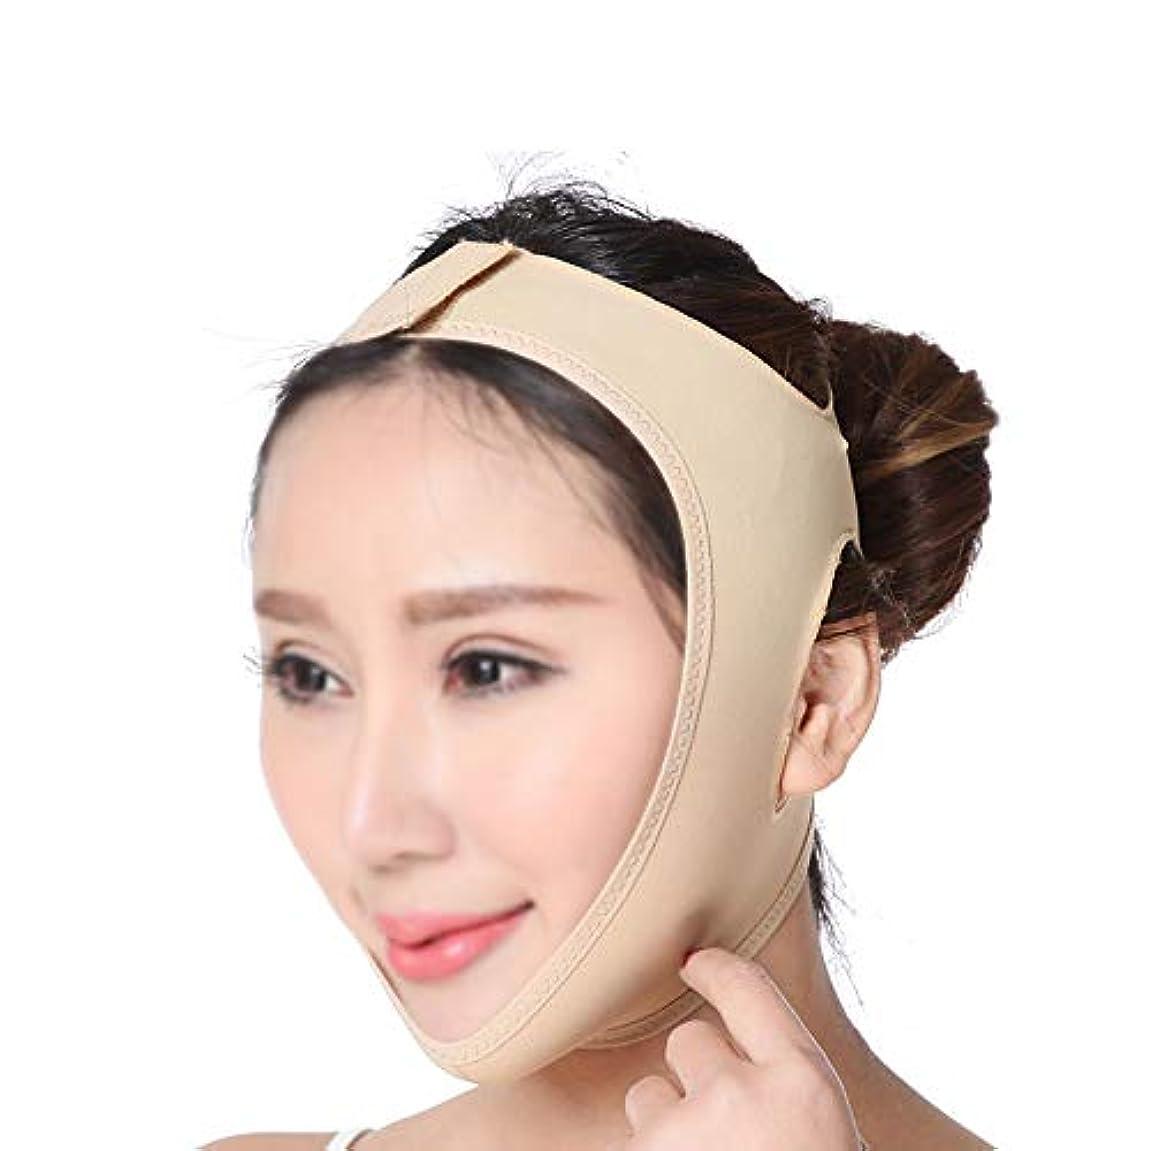 トランクスーダンカバレッジTLMY V字型の顔の包帯のマスクを作成するために二重あごの顔の持ち上がる引き締めモードを細くする薄い顔の包帯の薄い顔 顔用整形マスク